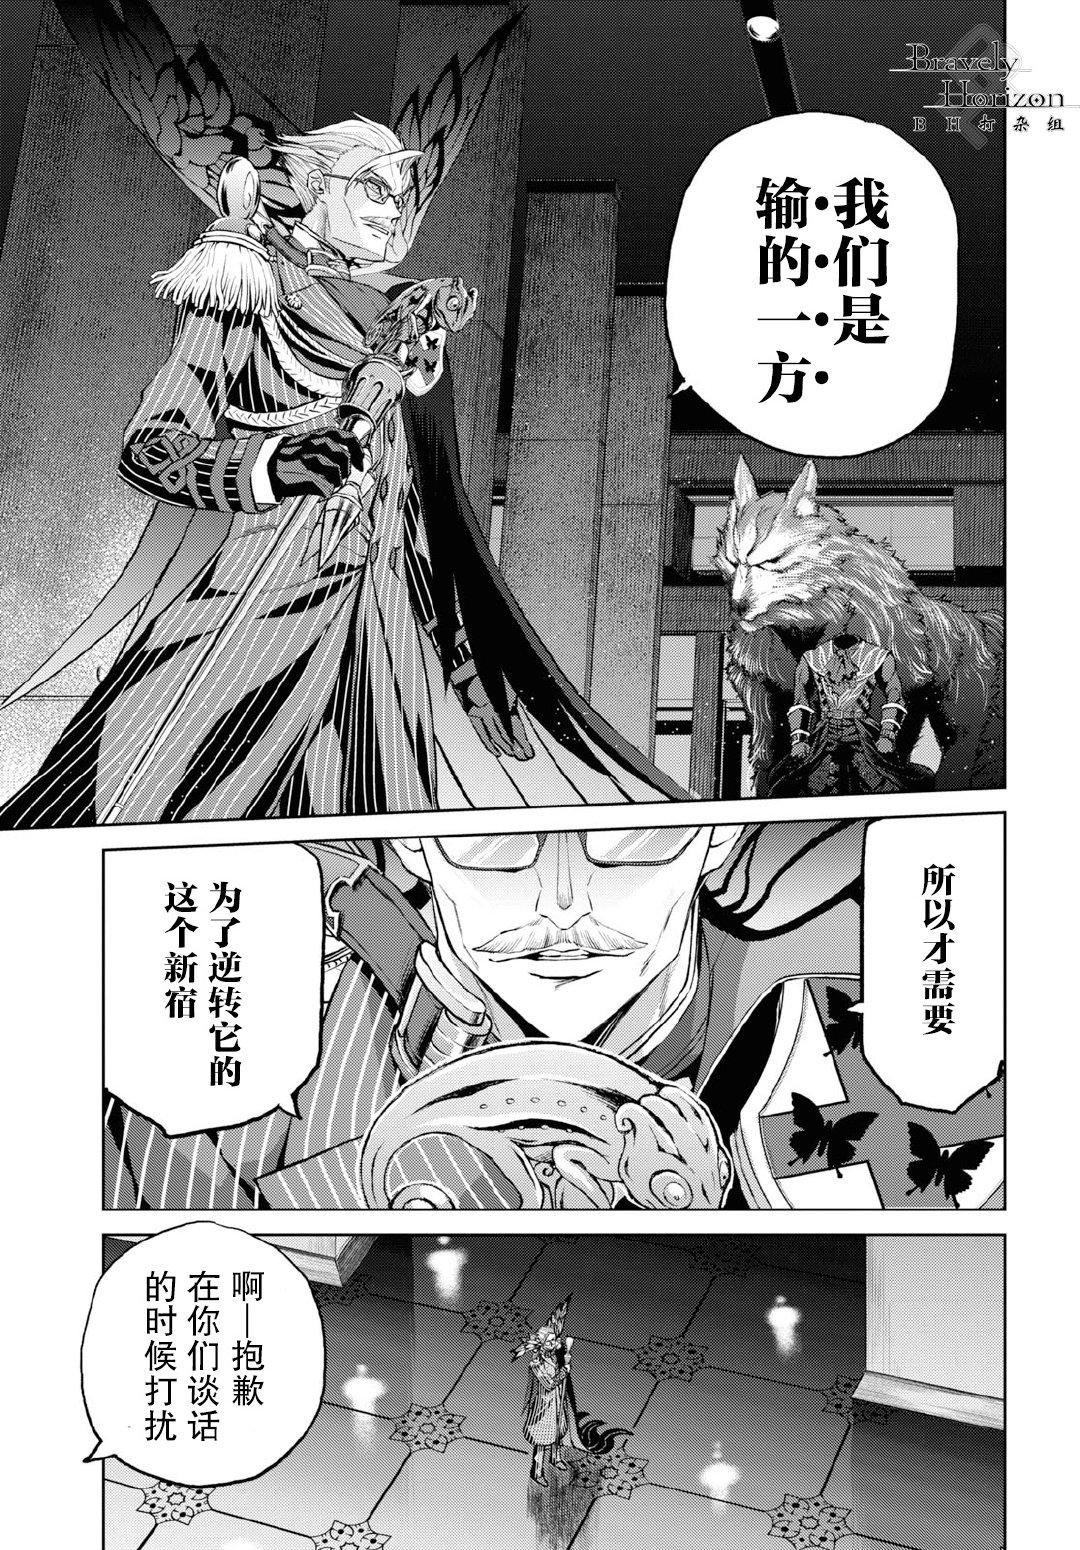 Fate Grand Order 短篇漫画 1.5.1 亚种特异点Ⅰ恶性隔绝魔境 新宿幻灵事件 第5话-02 Fate Grand Order Fate Grand Order 漫画 第7张